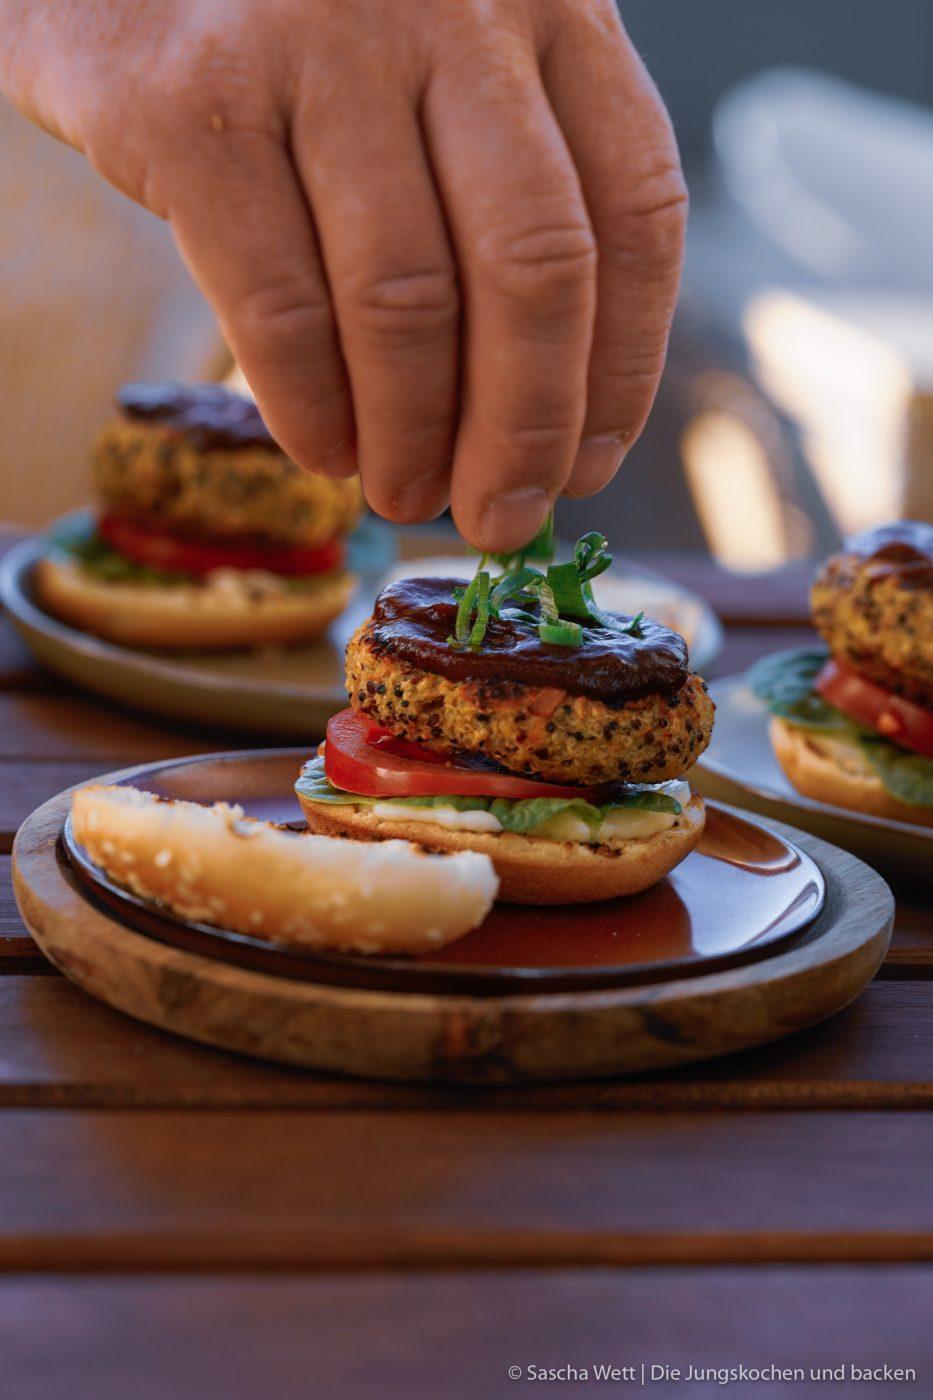 Veggie Burger erdnuss quinoa 8 | Ihr wisst ja, wie gerne wir beide ein richtig gutes Stück Fleisch mögen und das so etwas für uns zum Grillen einfach dazu gehört. Denkt nicht, dass nicht auch leckeres Gemüse auf unseren Grill kommt, denn Paprika oder auch Romana Salat mit schönen Röstaromen ist eine der tollsten Beilagen. Gemüse vom Grill wird von einigen richtig unterschätzt, und heute schauen wir mal ein wenig über den Tellerrand, nachdem so viele vegetarische Burgerpatties Schlagzeilen machen. Wir wollten aber unser ganz eigenen Veggie-Burger kreieren und dabei nicht den Fleischgeschmack imitieren, sondern einfach eine leckere Alternative schaffen.